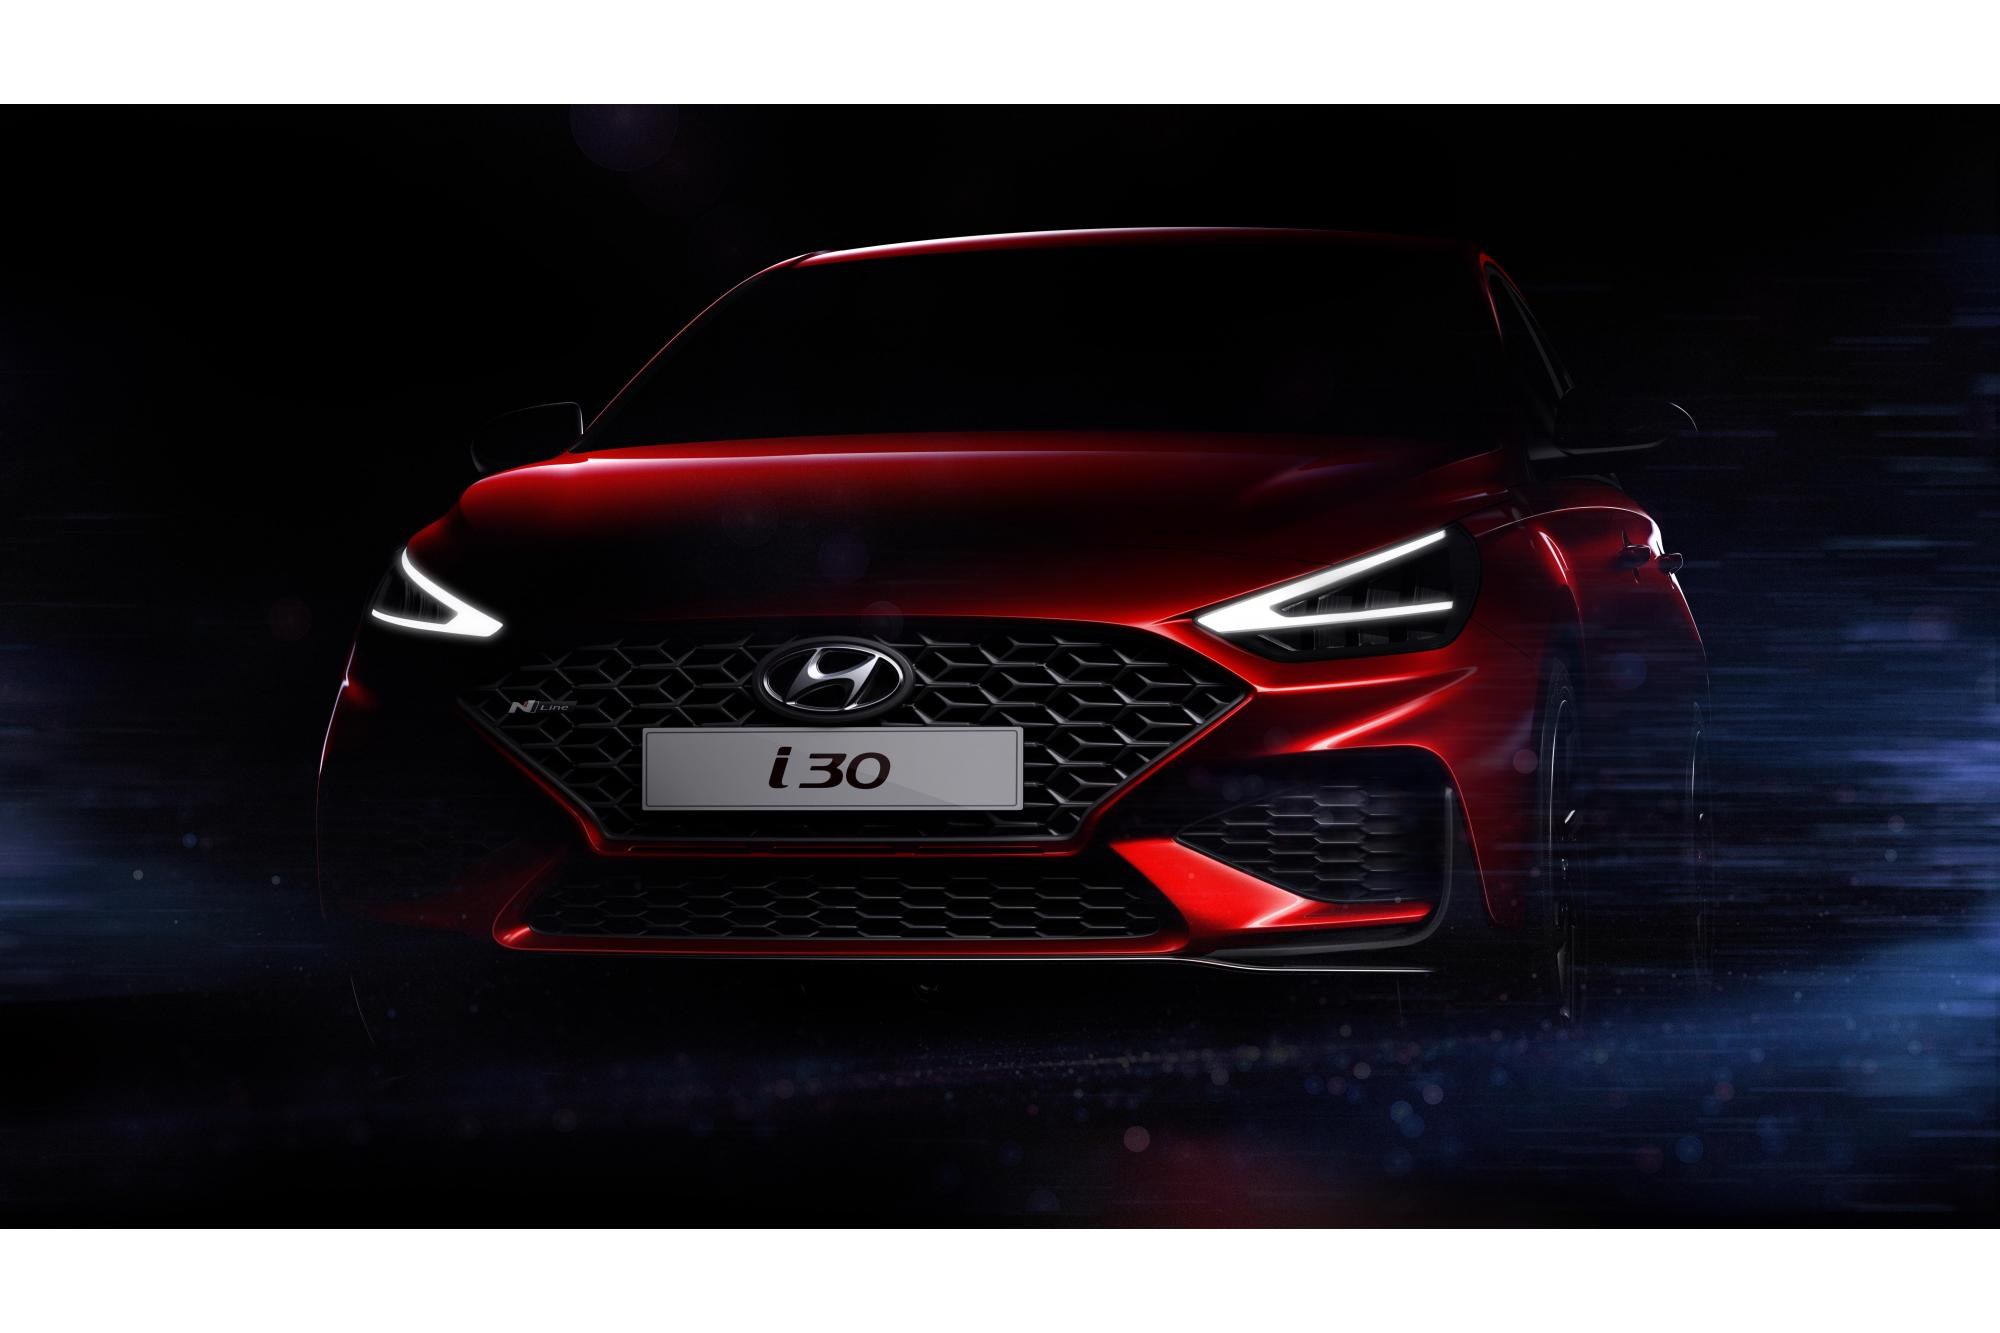 Αποκαλύπτεται το νέο Hyundai i30!